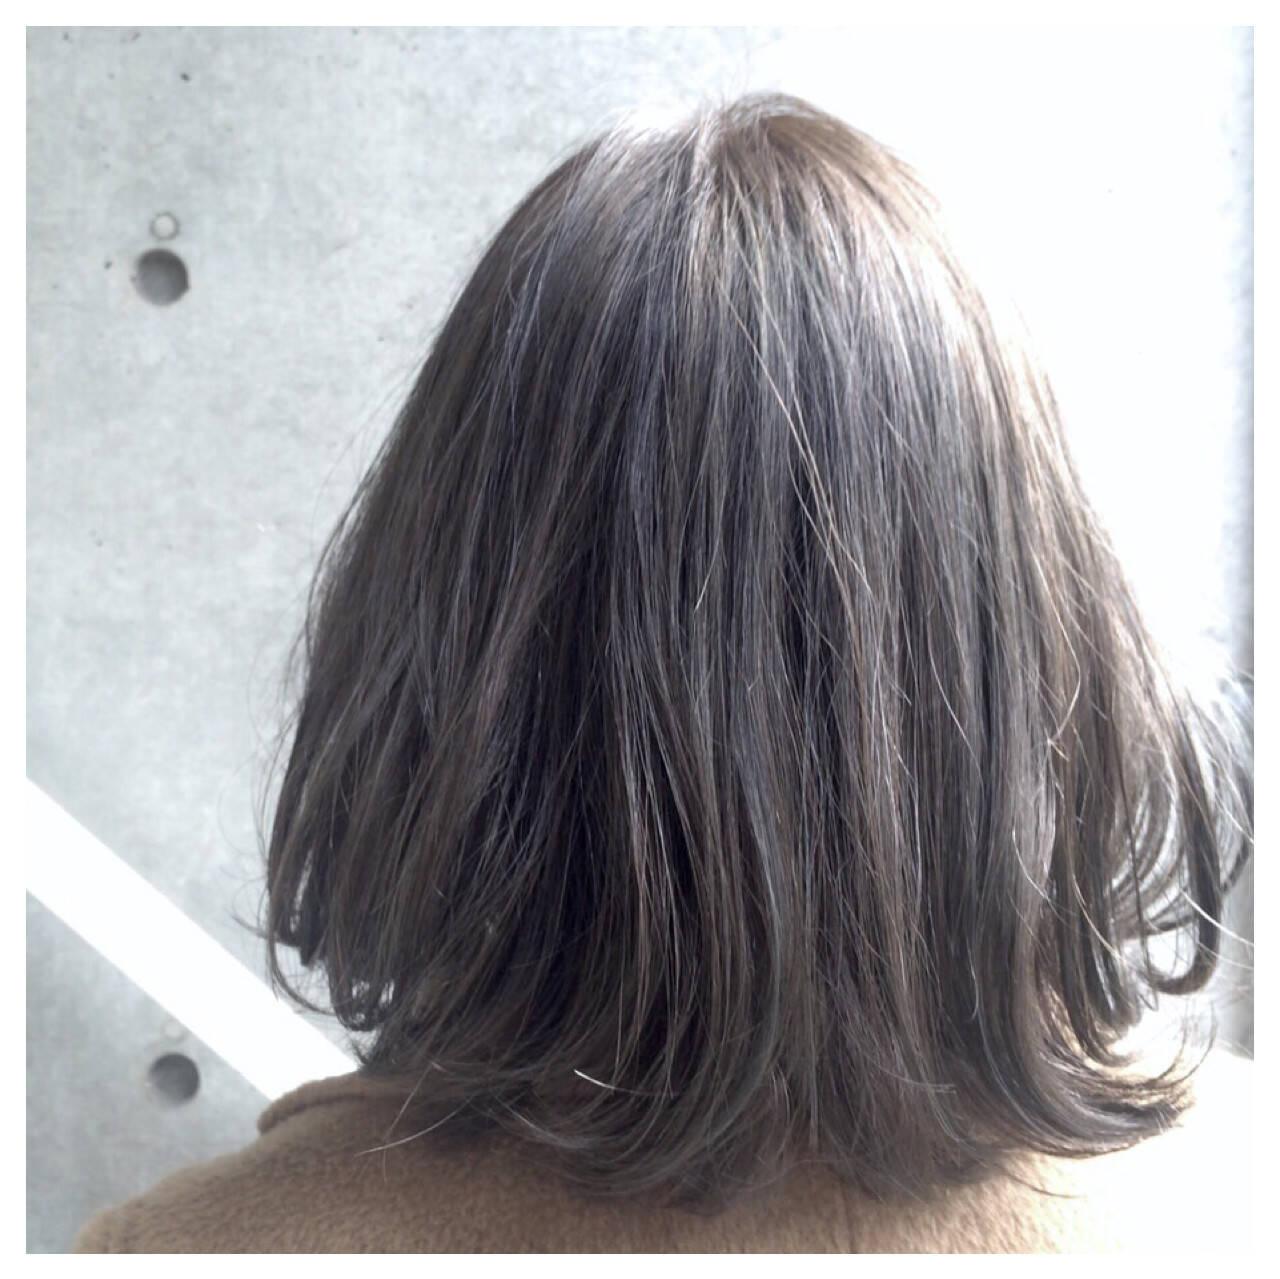 ハイライト グレージュ アッシュ ボブヘアスタイルや髪型の写真・画像